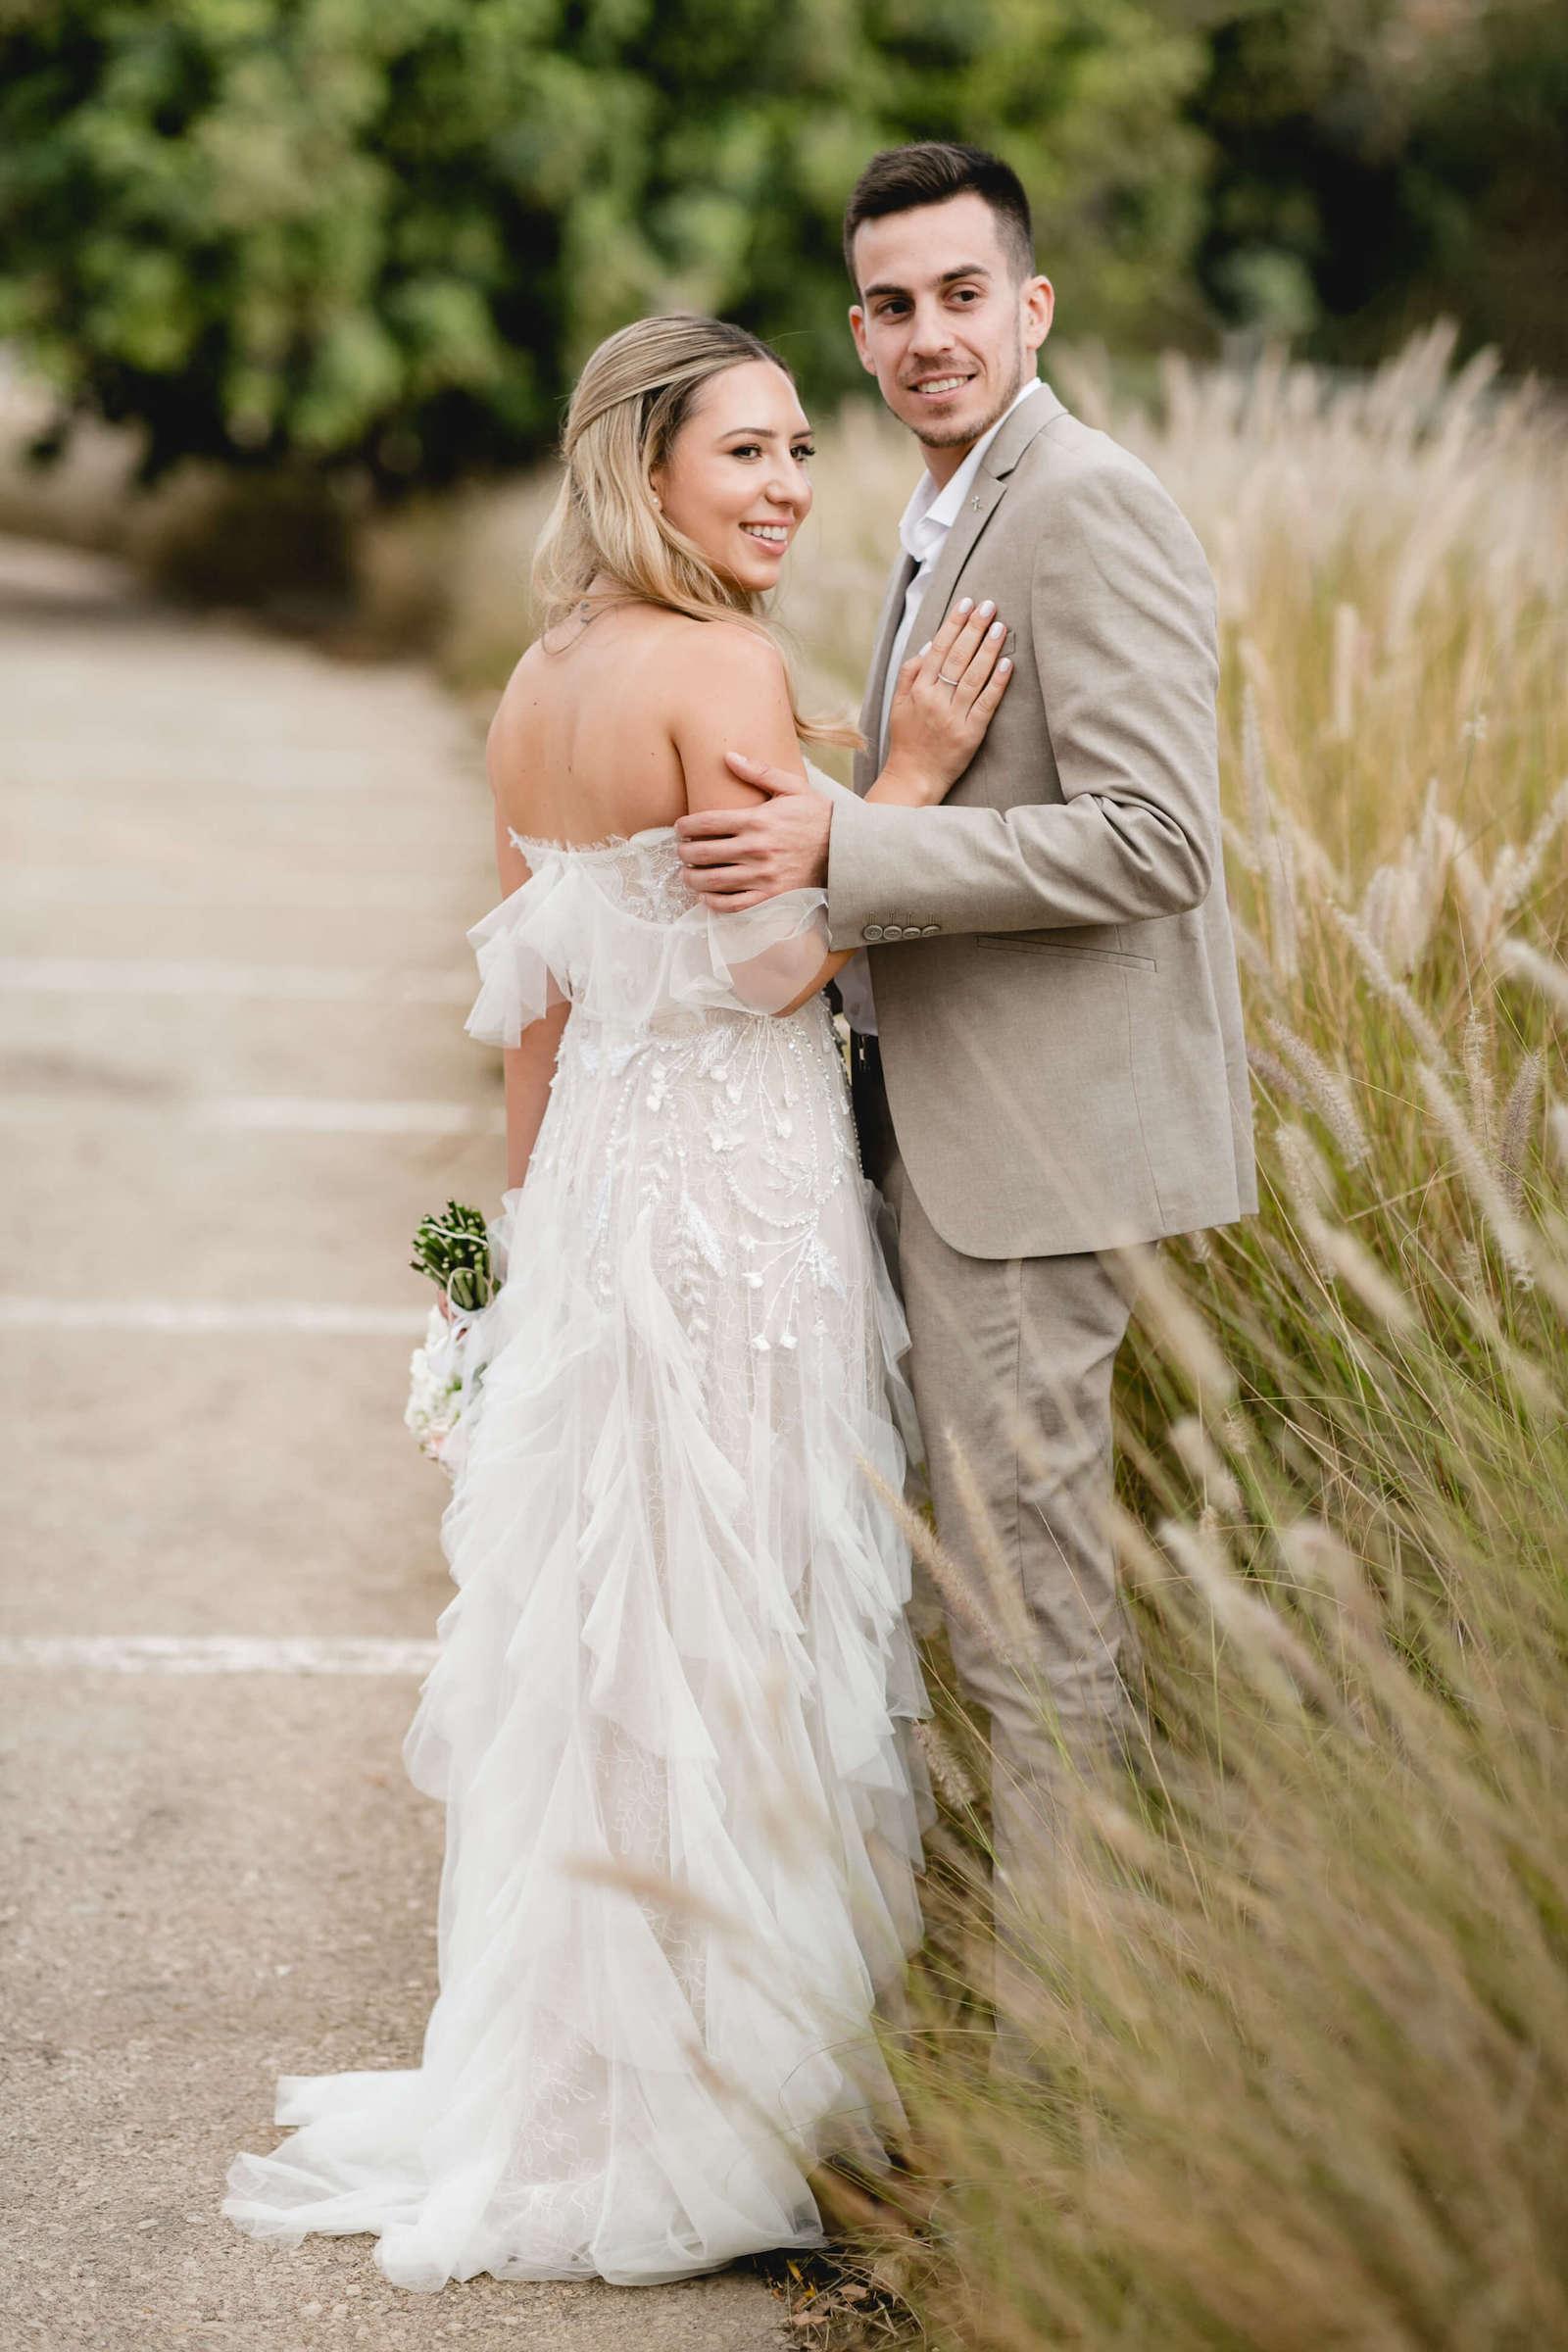 רומנטית וקסומה: החתונה של מאיה ועידן באוהל בחצר הבית